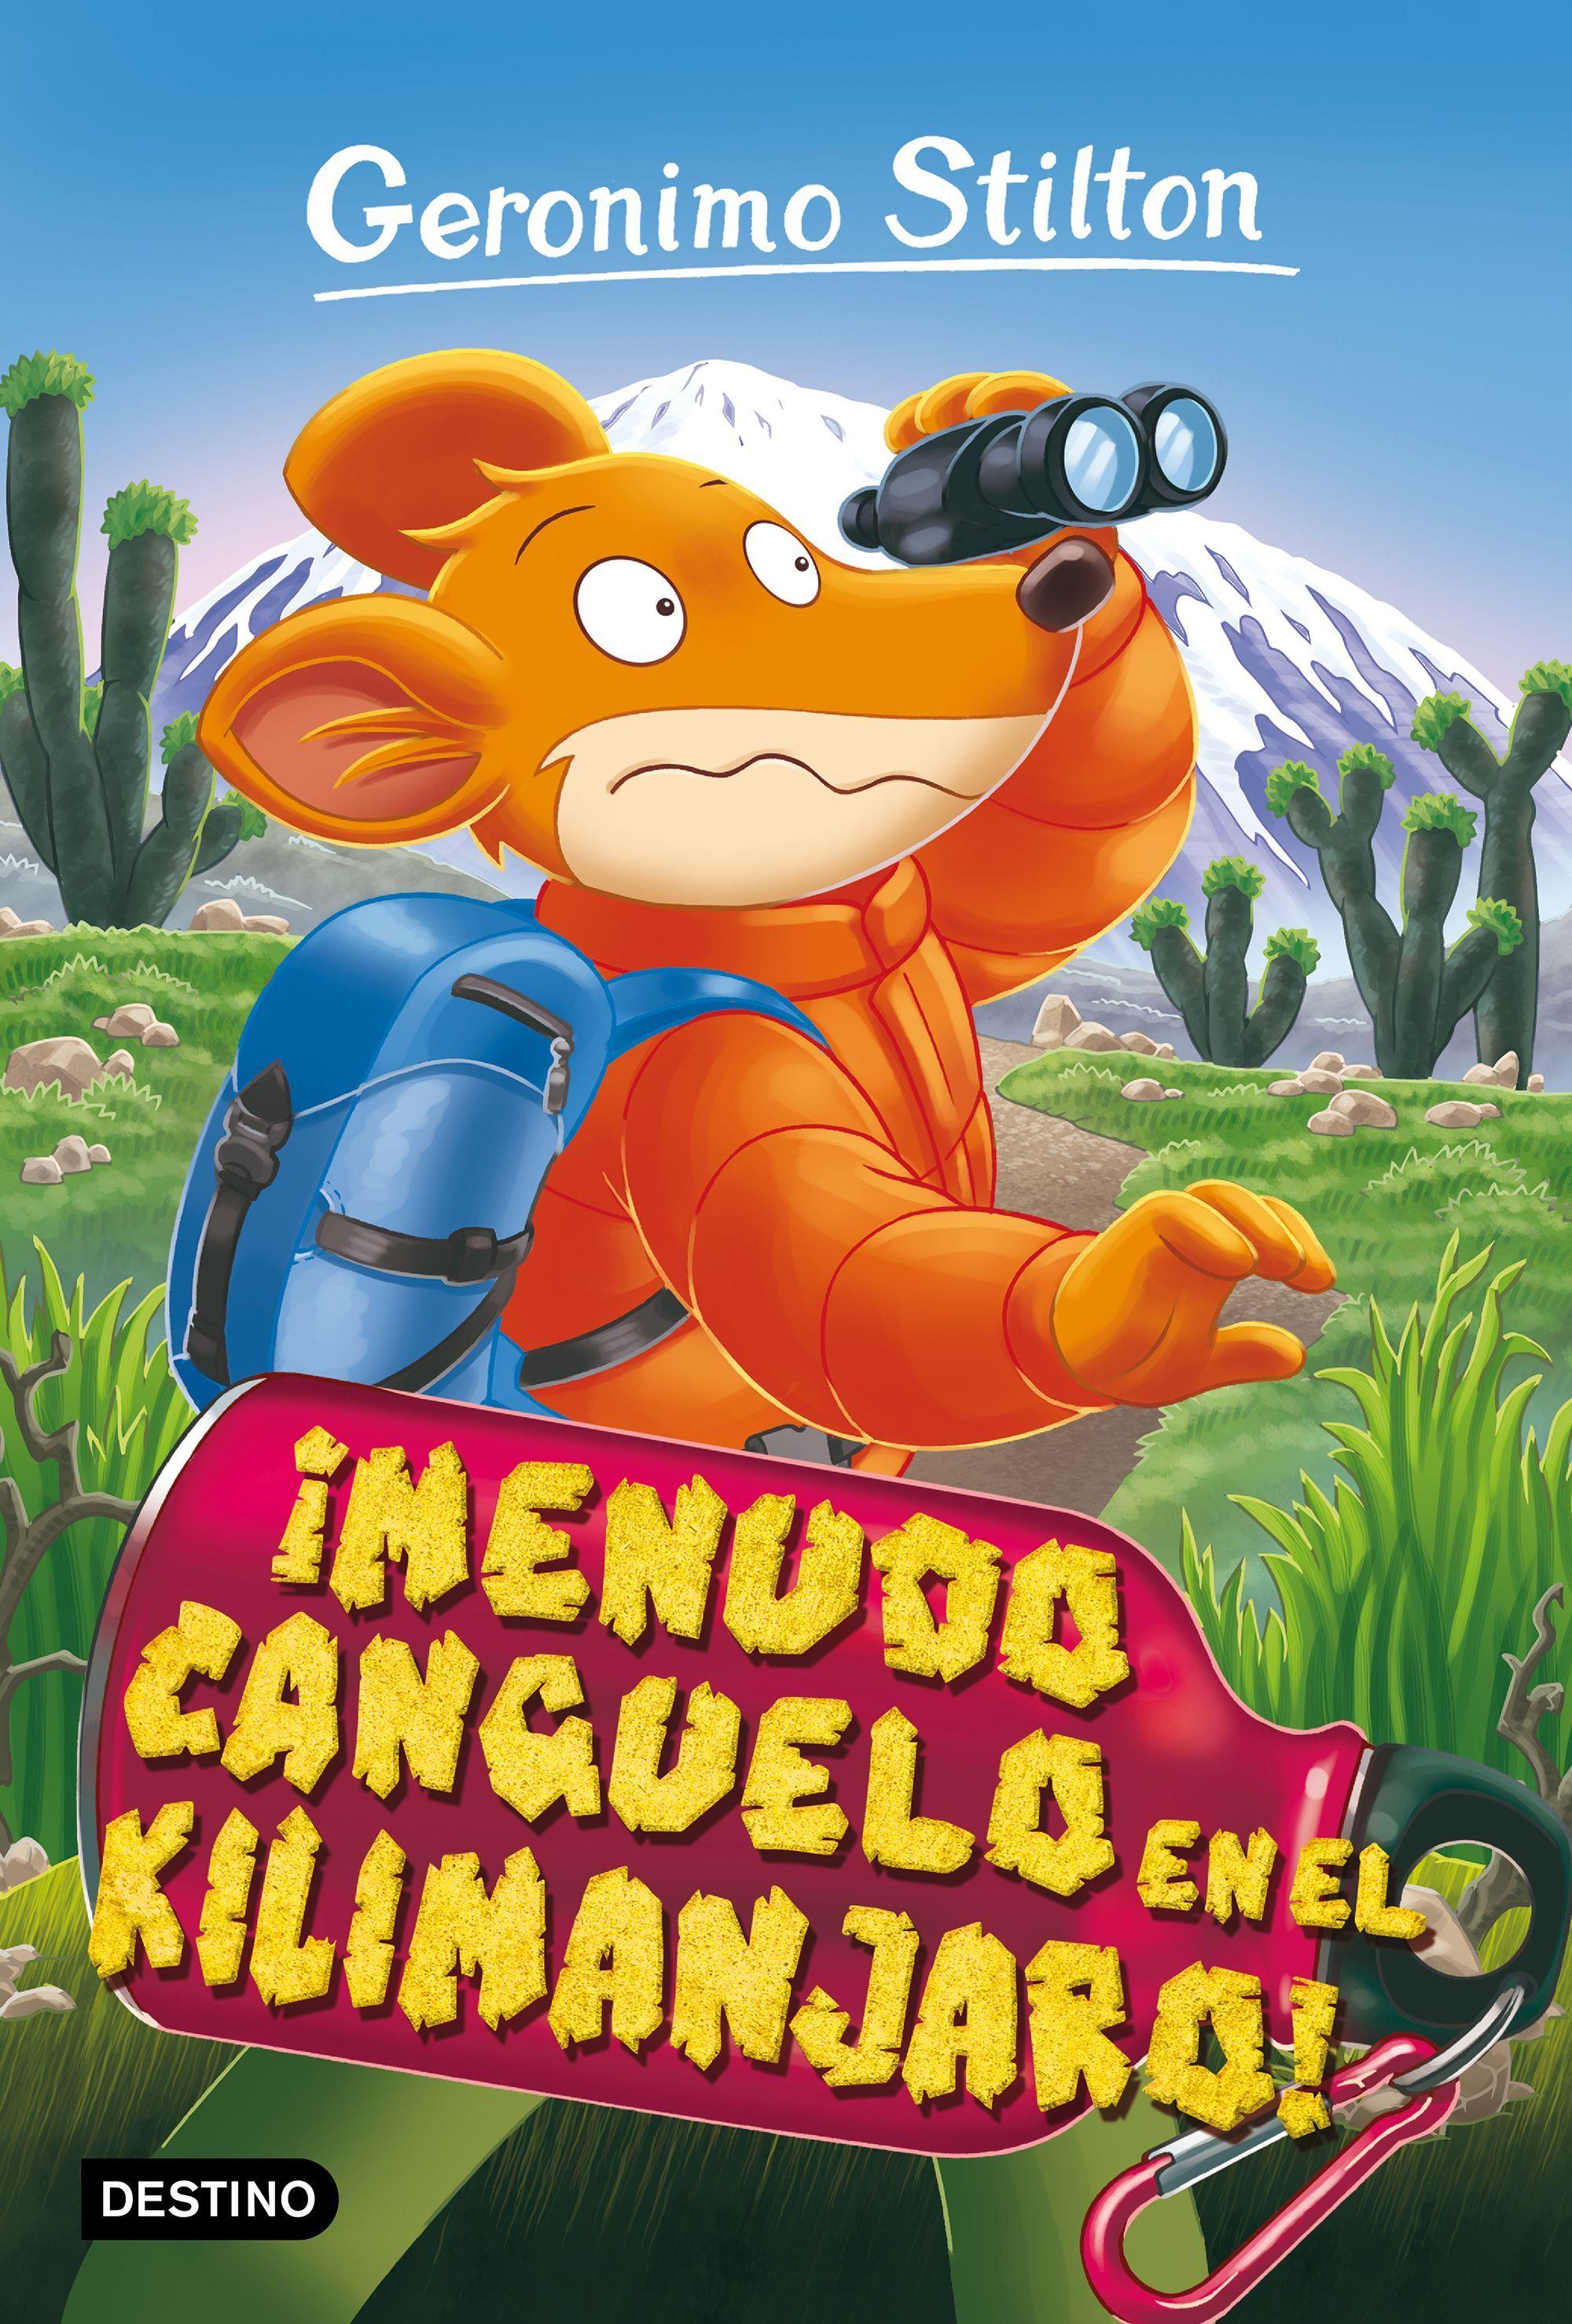 GERONIMO STILTON 26 MENUDO CANGUELO EN EL KILIMANJARO!